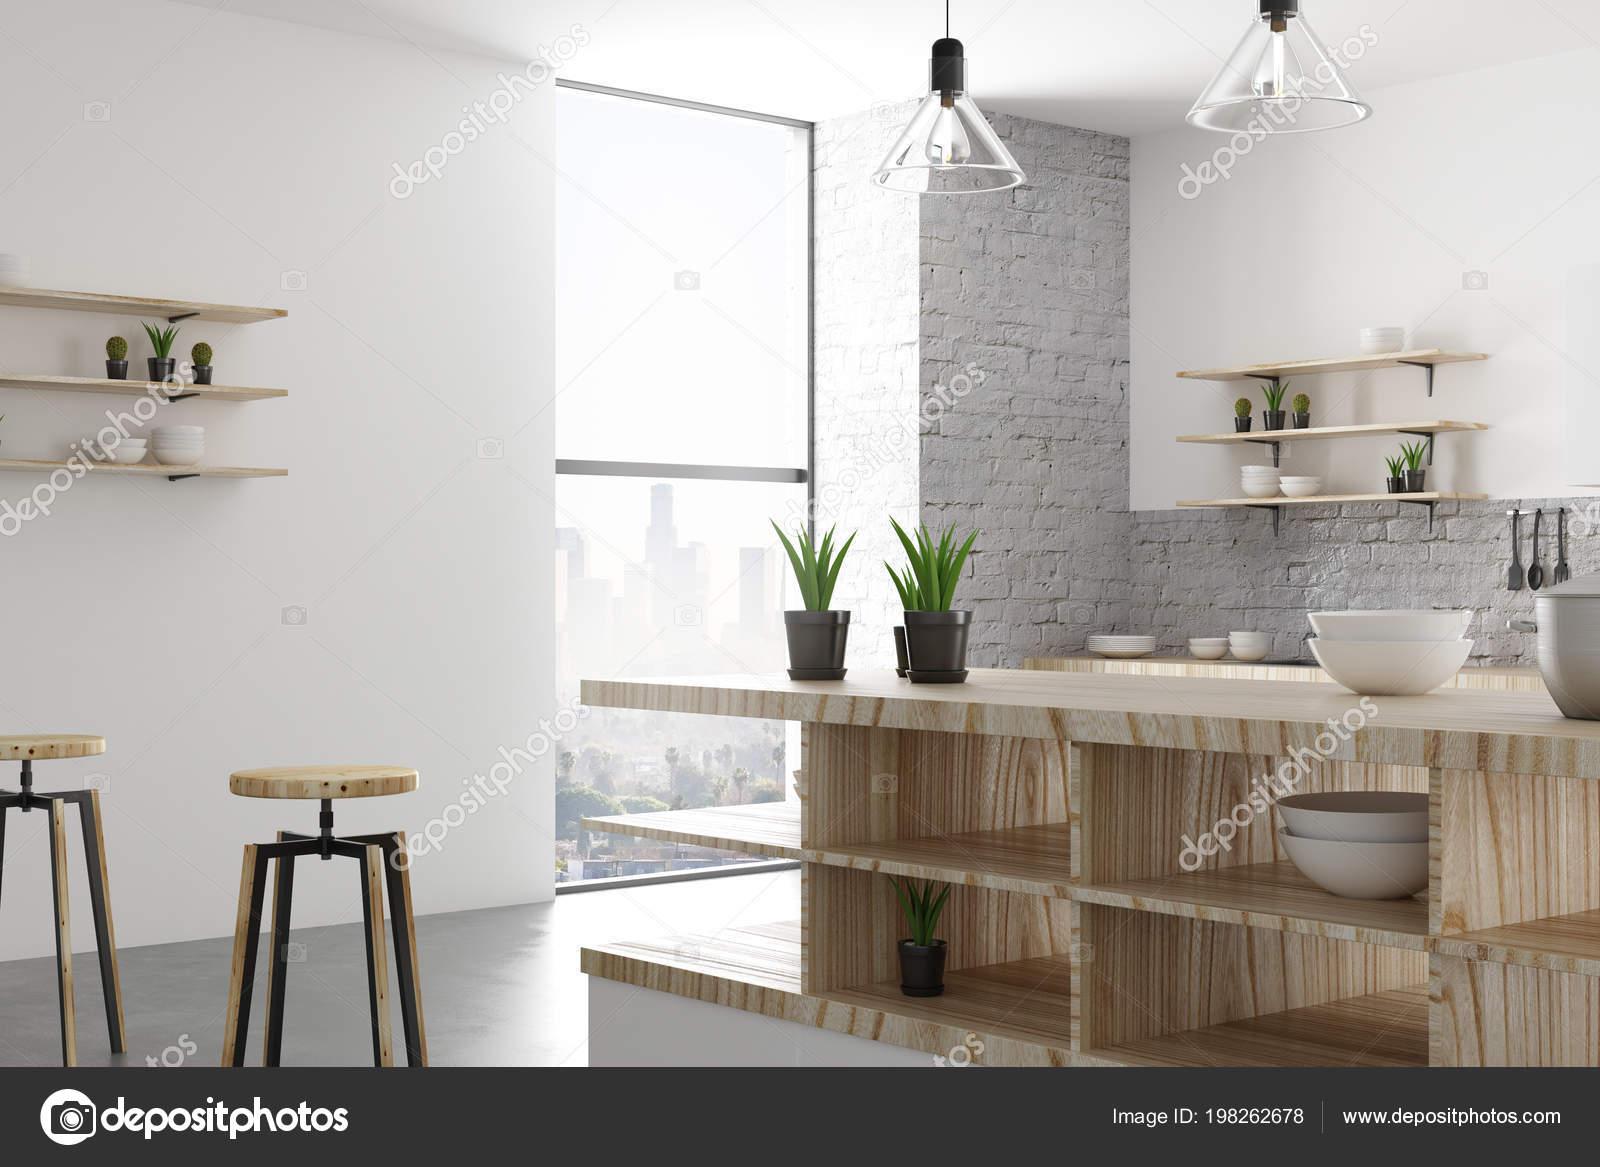 Weiße Helle Loft Küche Interieur Mit Möbel Geräte Und Tageslicht ...